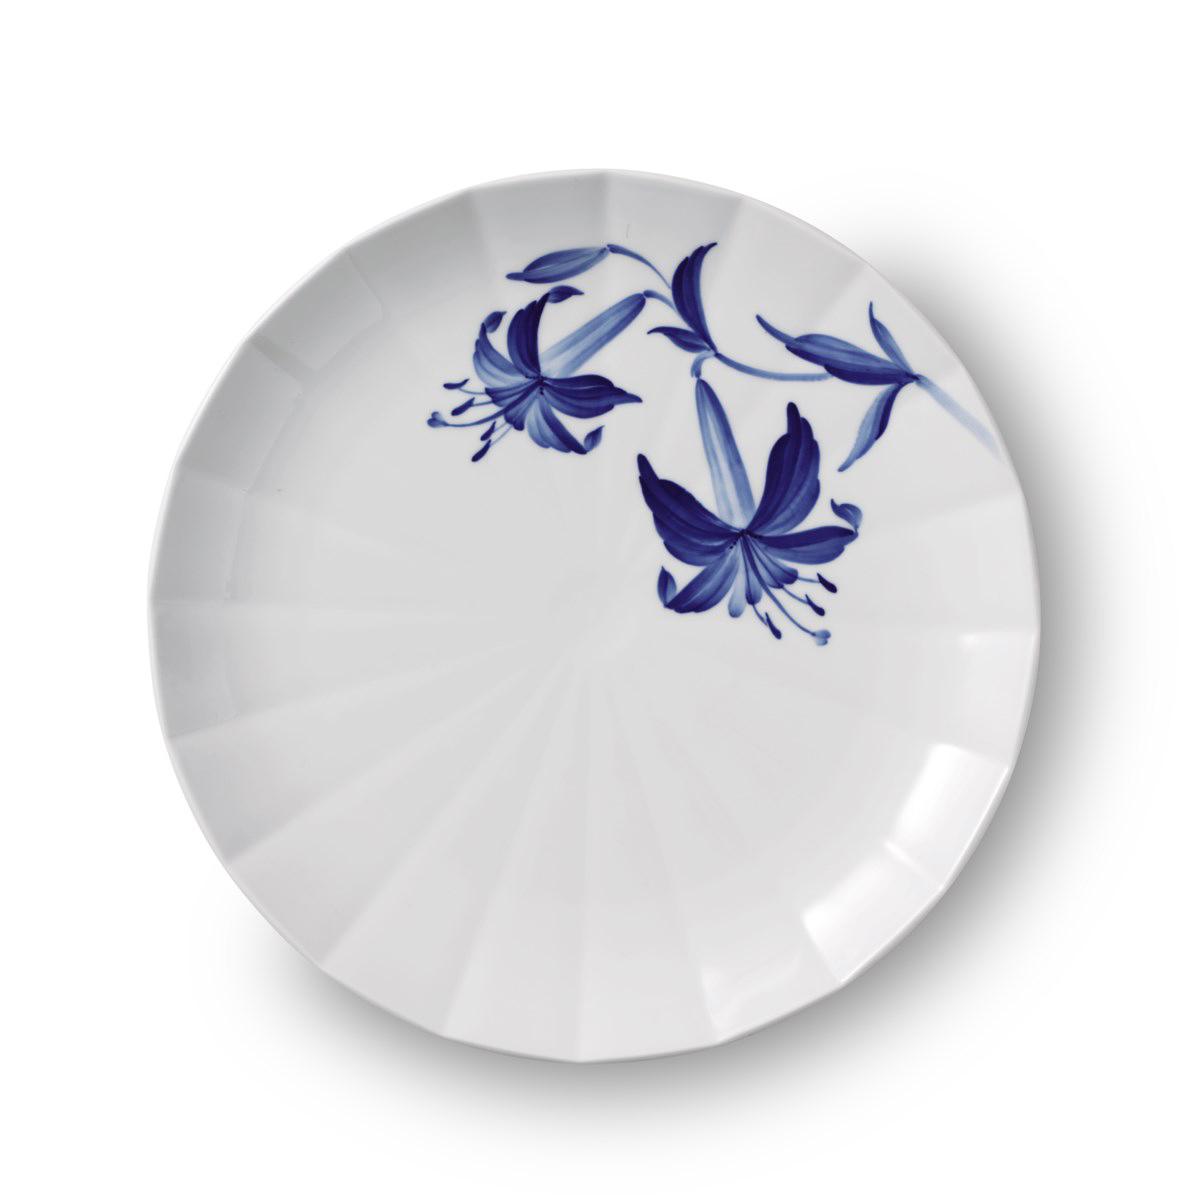 Royal Copenhagen, Blomst Dinner Plate Lily